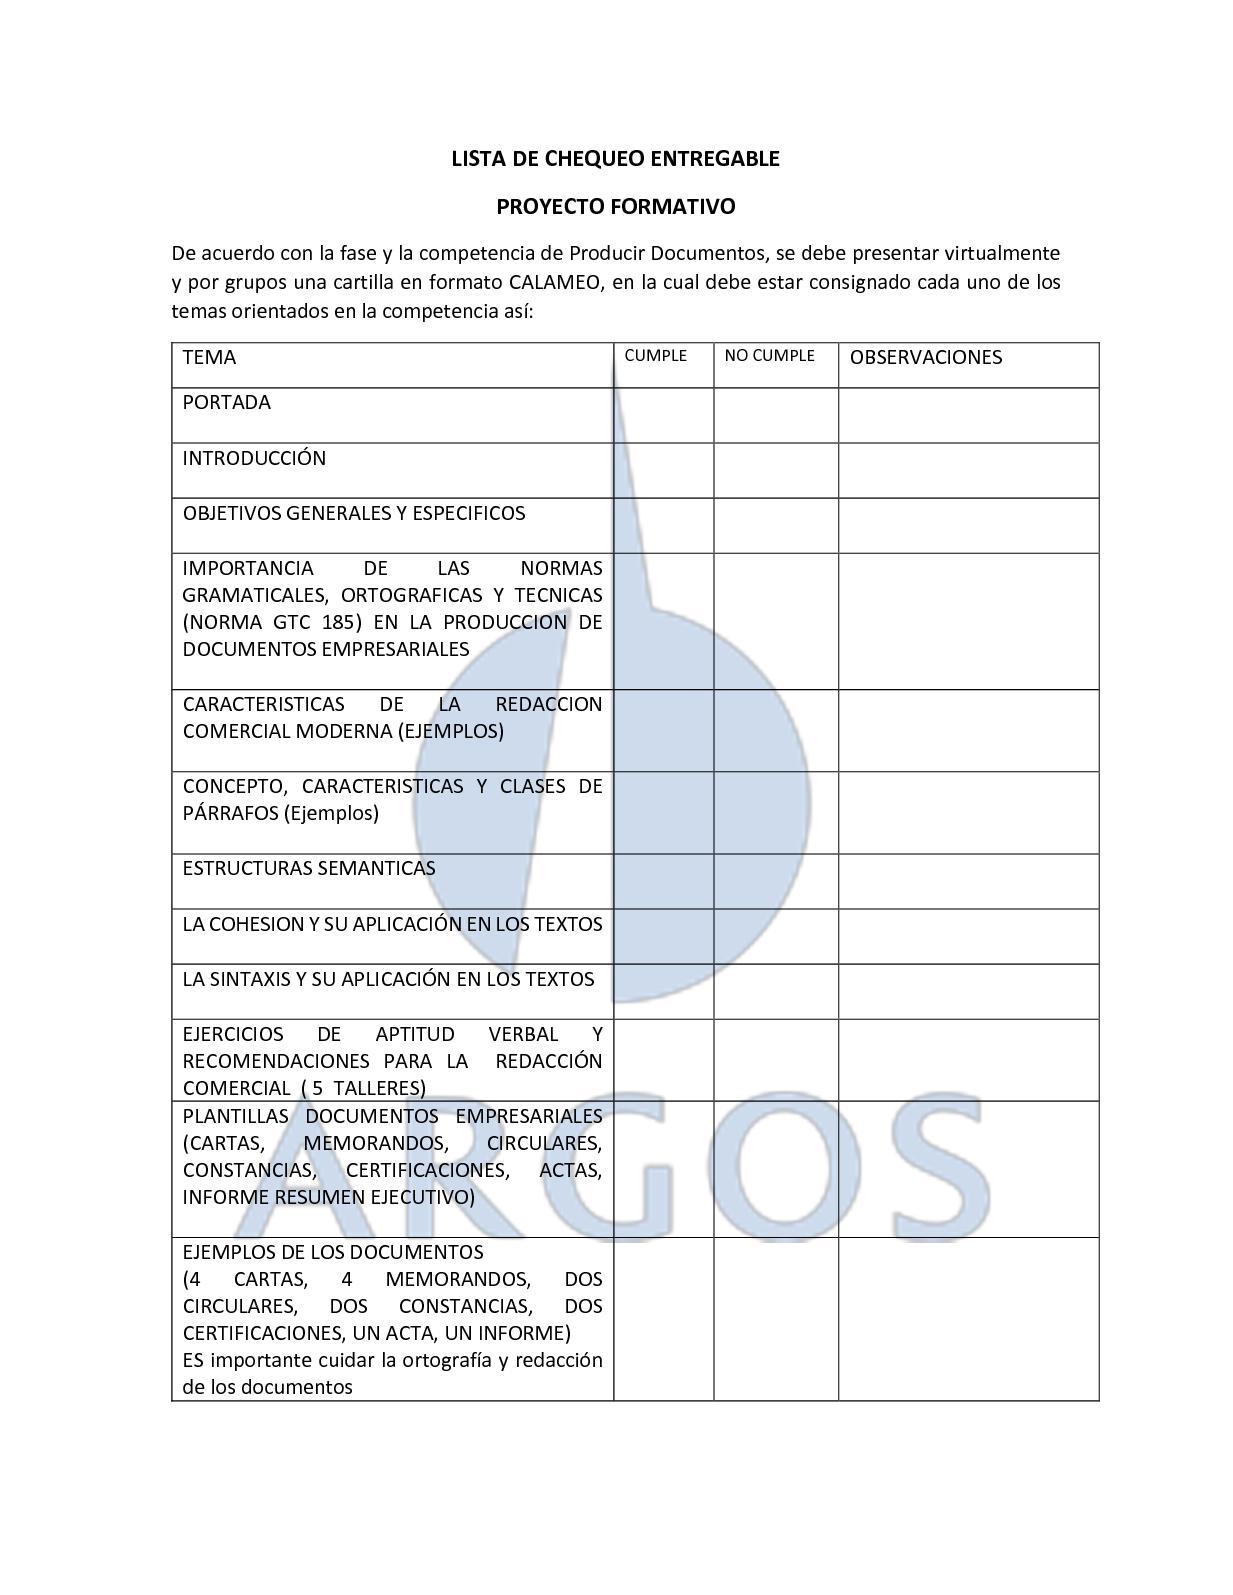 Calaméo - Producir Documentos Ii